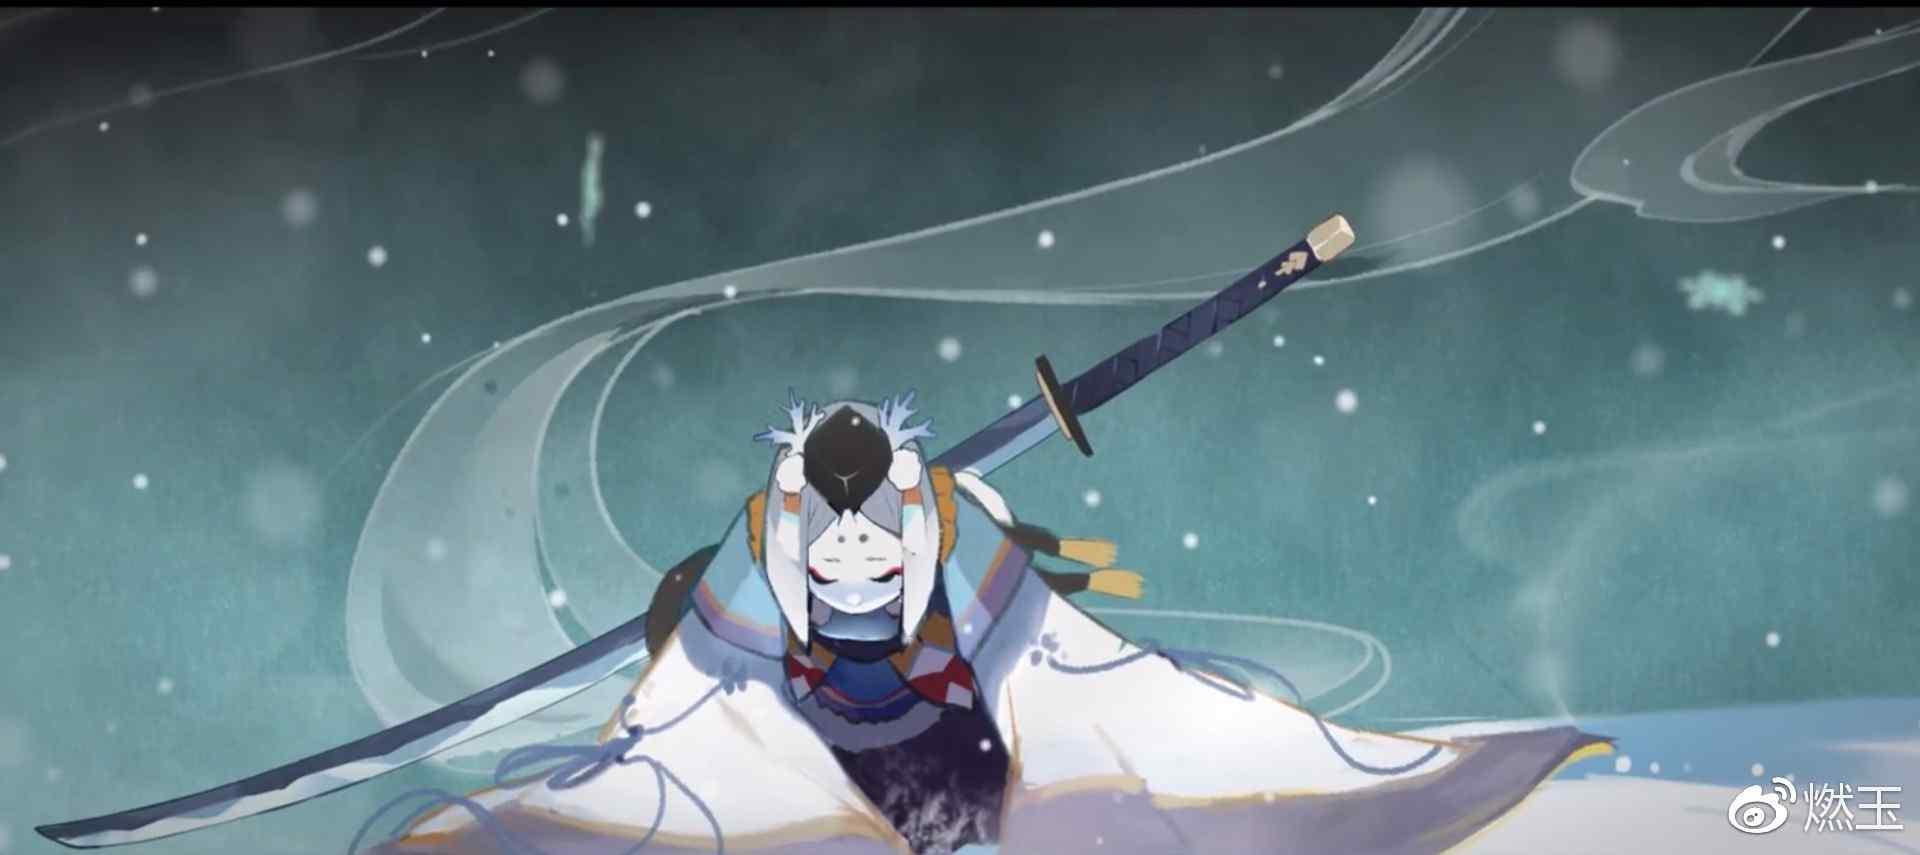 阴阳师雪童子绘卷图片壁纸